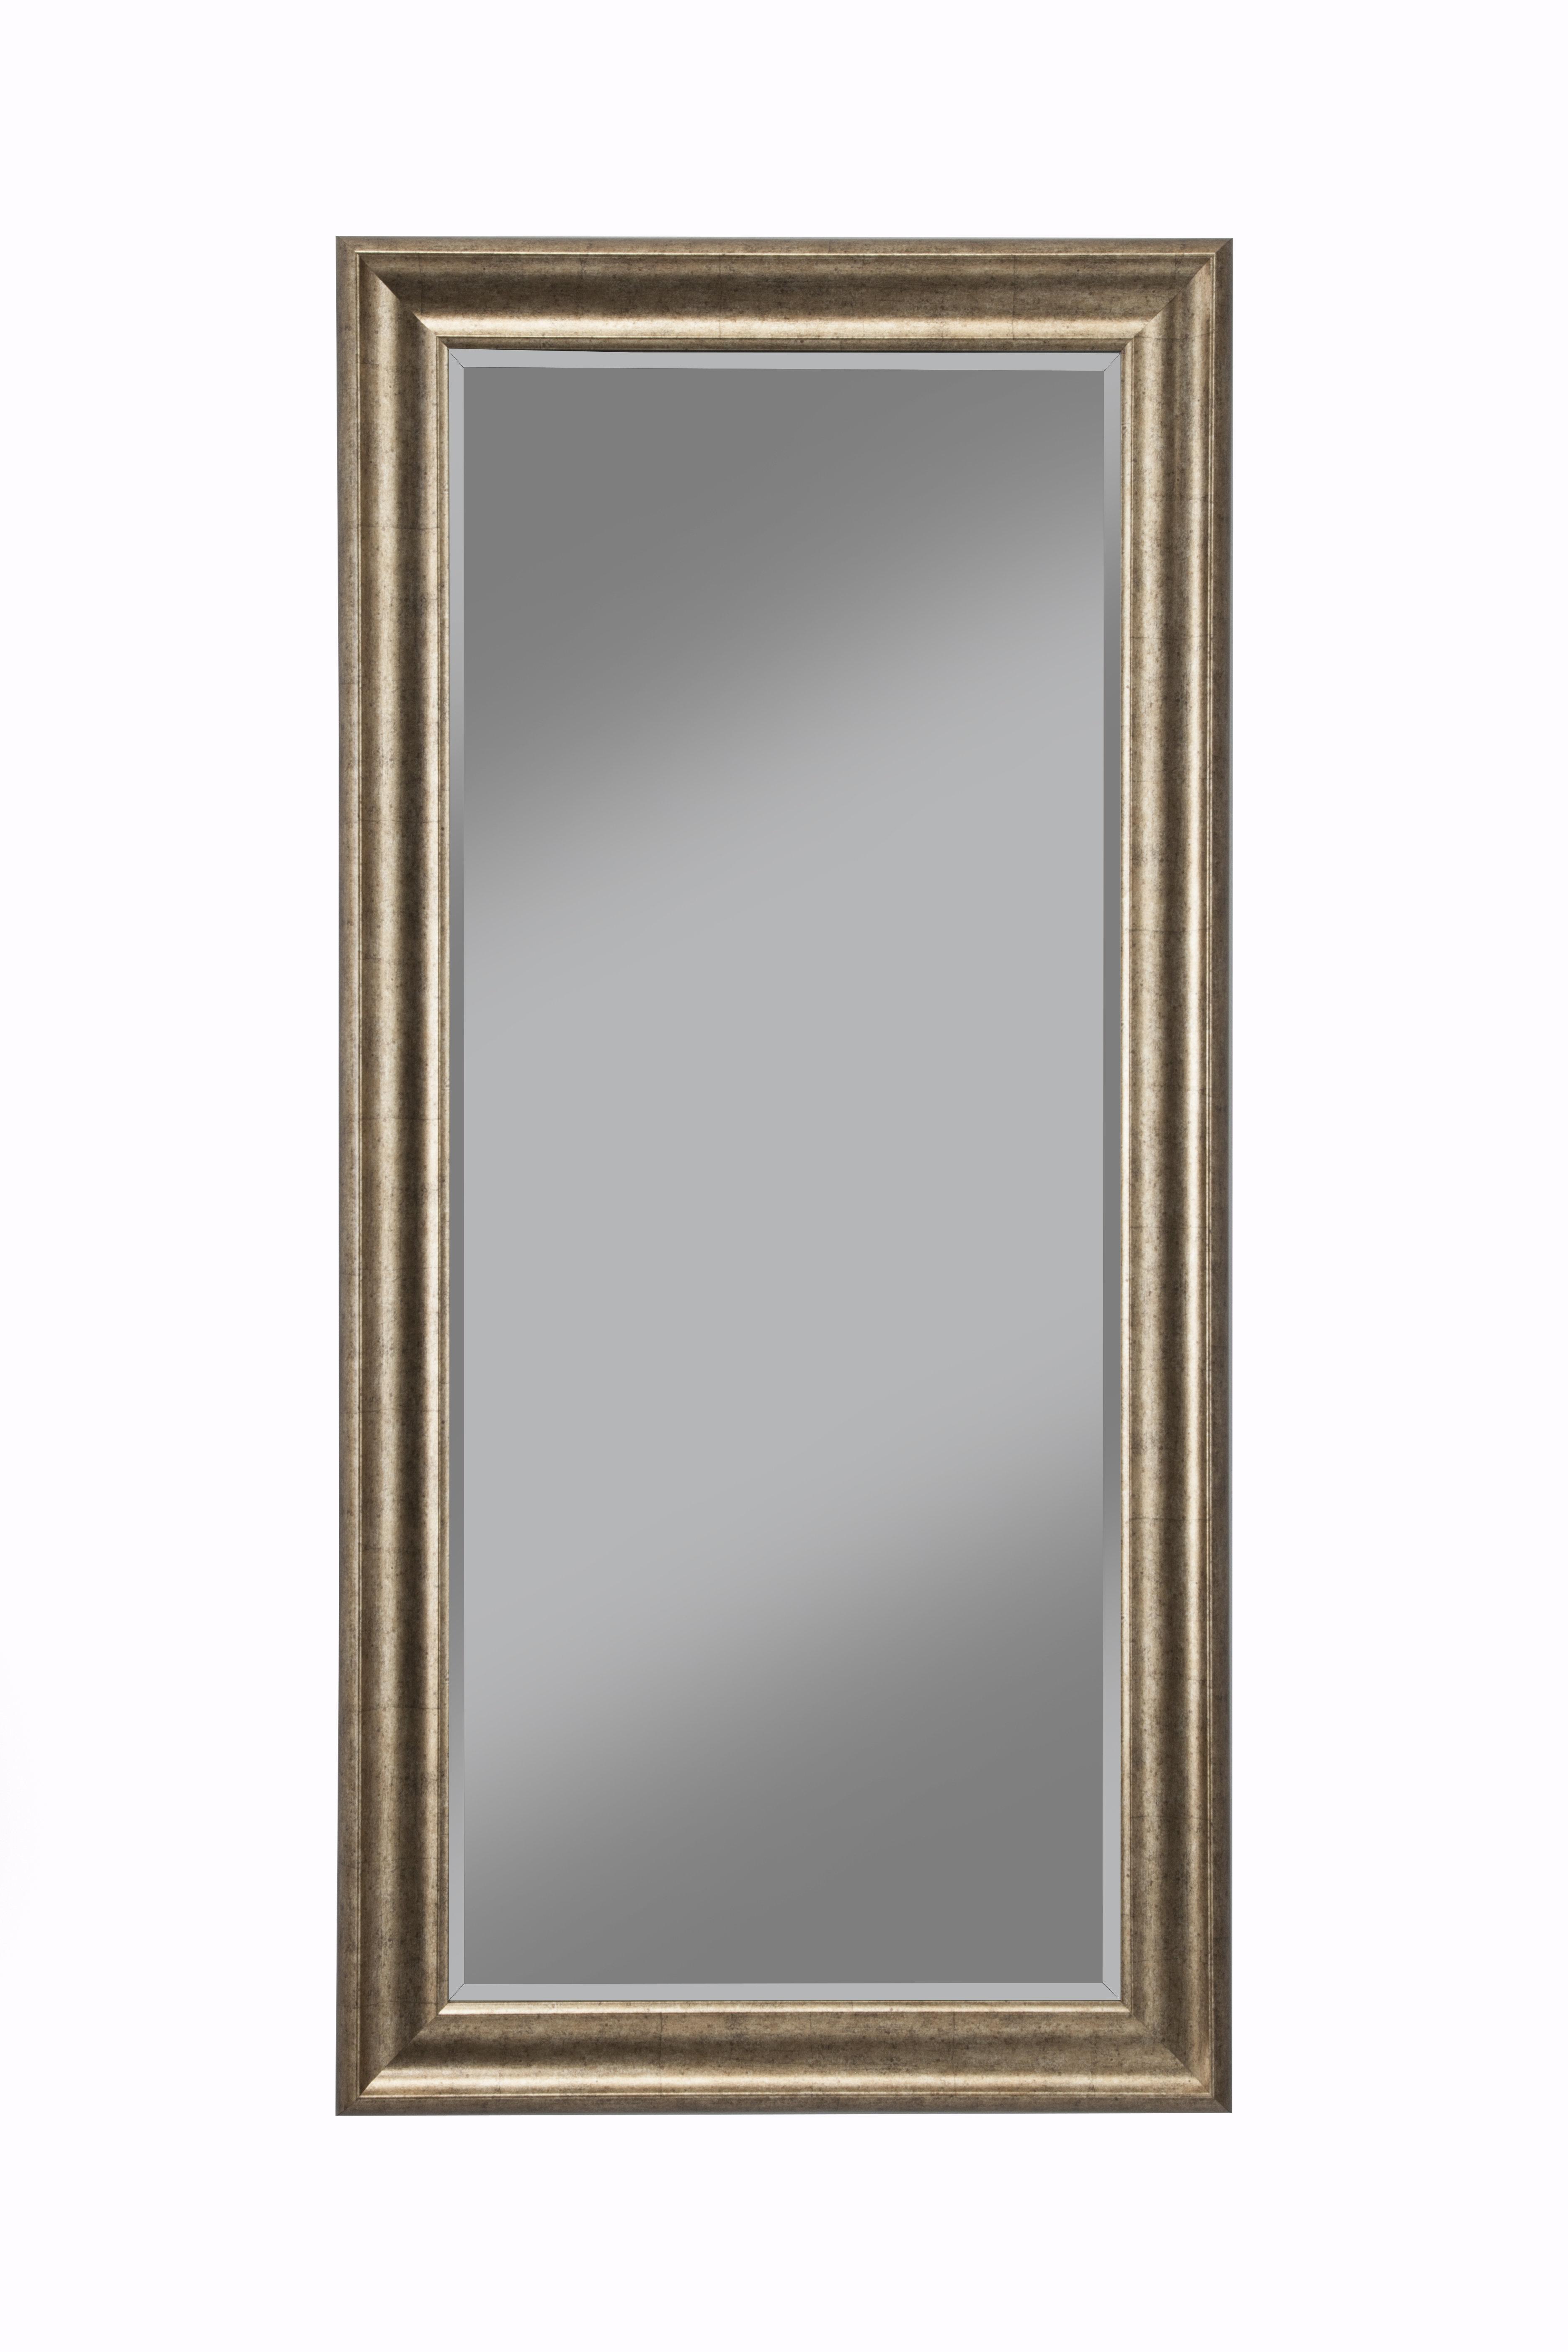 Modern Bathroom Mirrors | Allmodern In Landover Rustic Distressed Bathroom/vanity Mirrors (Image 15 of 20)